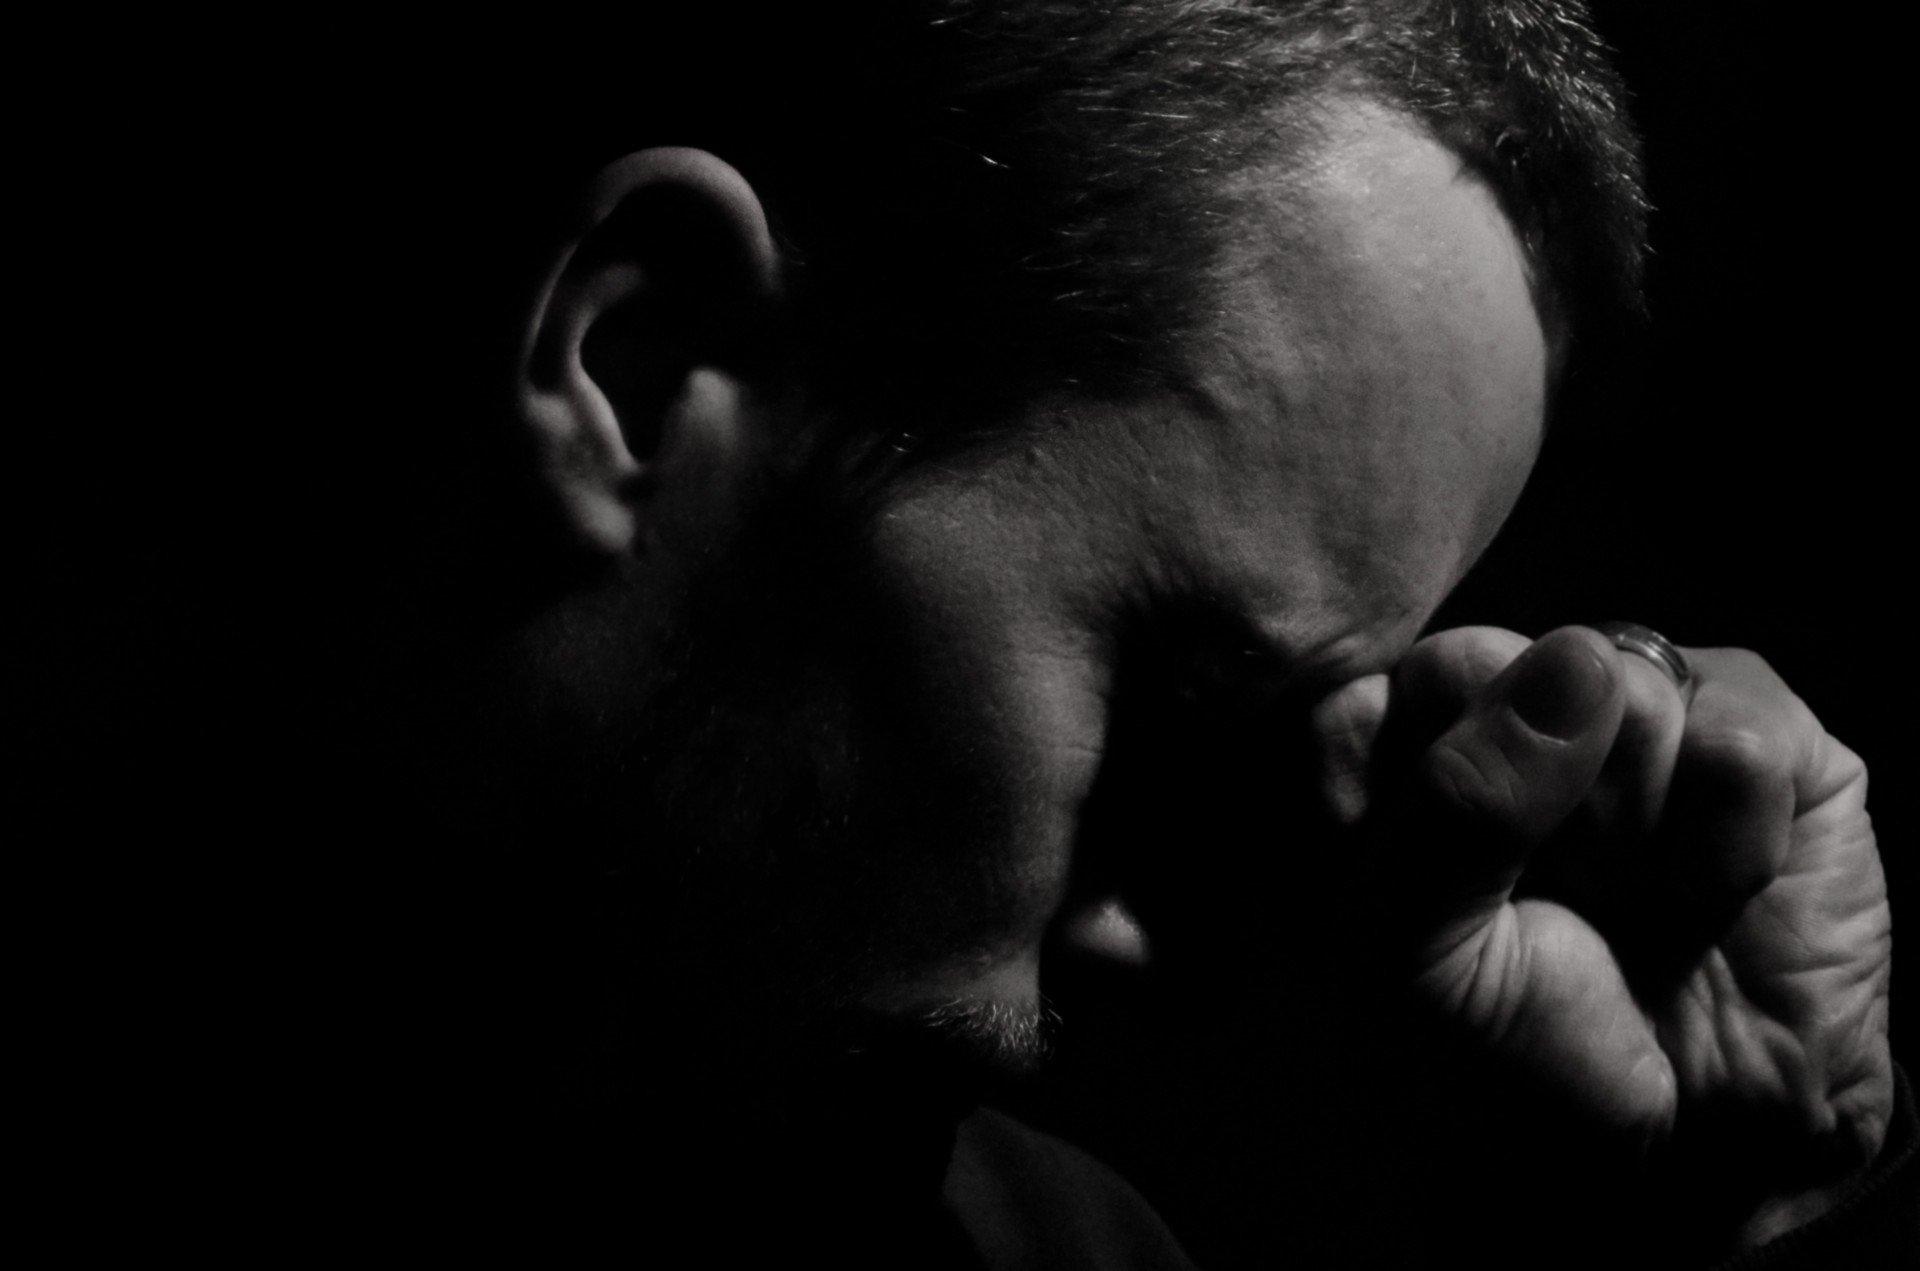 это одна фото мужская печаль слегка остывший